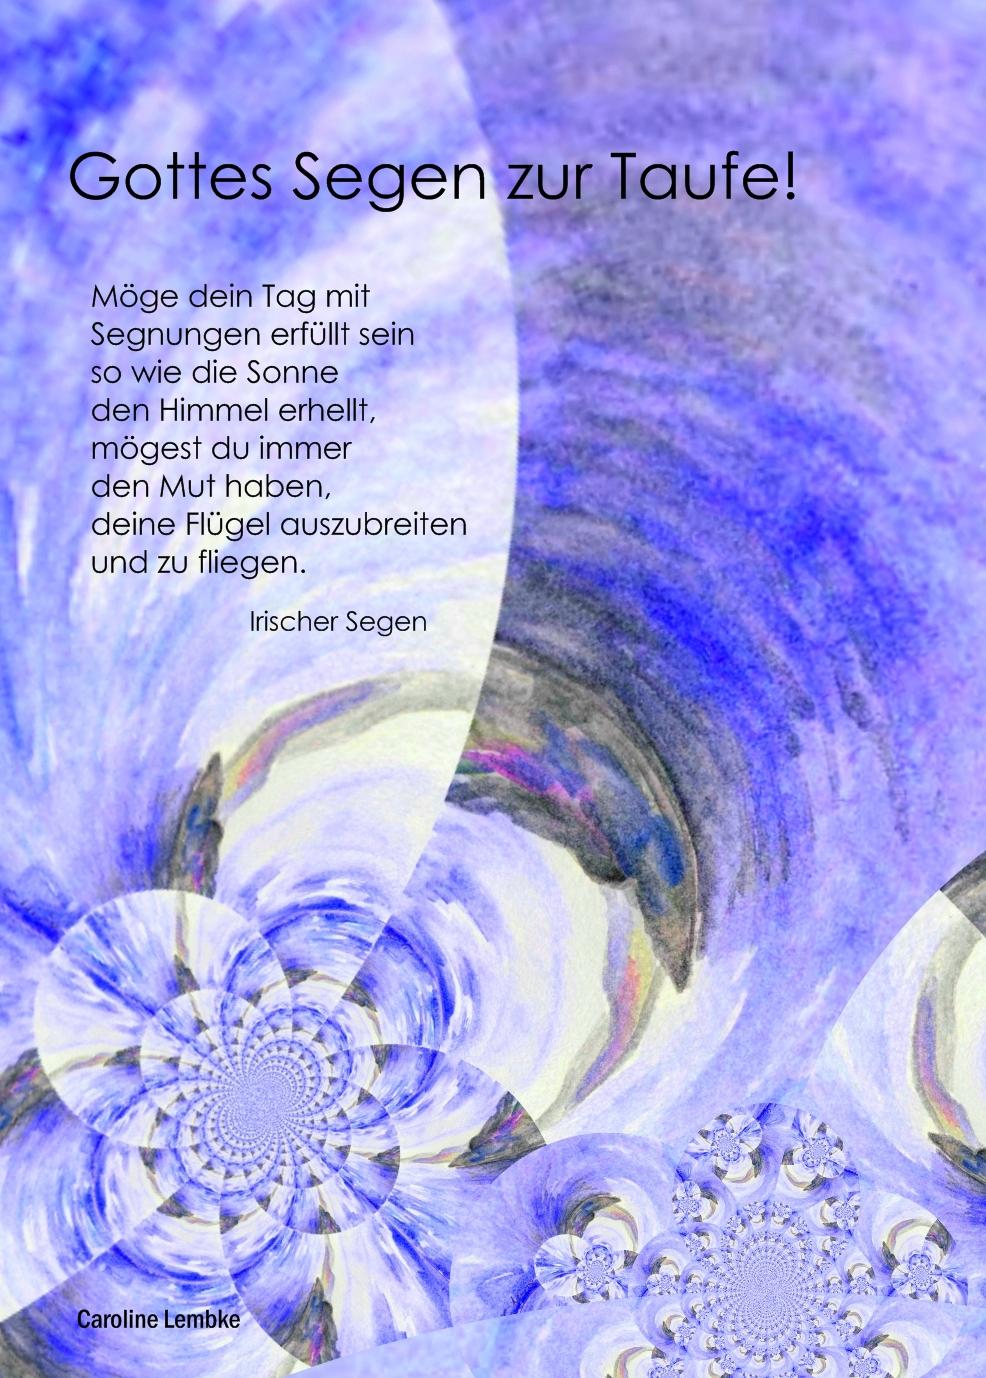 Image Result For Zitate Hochzeit Und Taufe